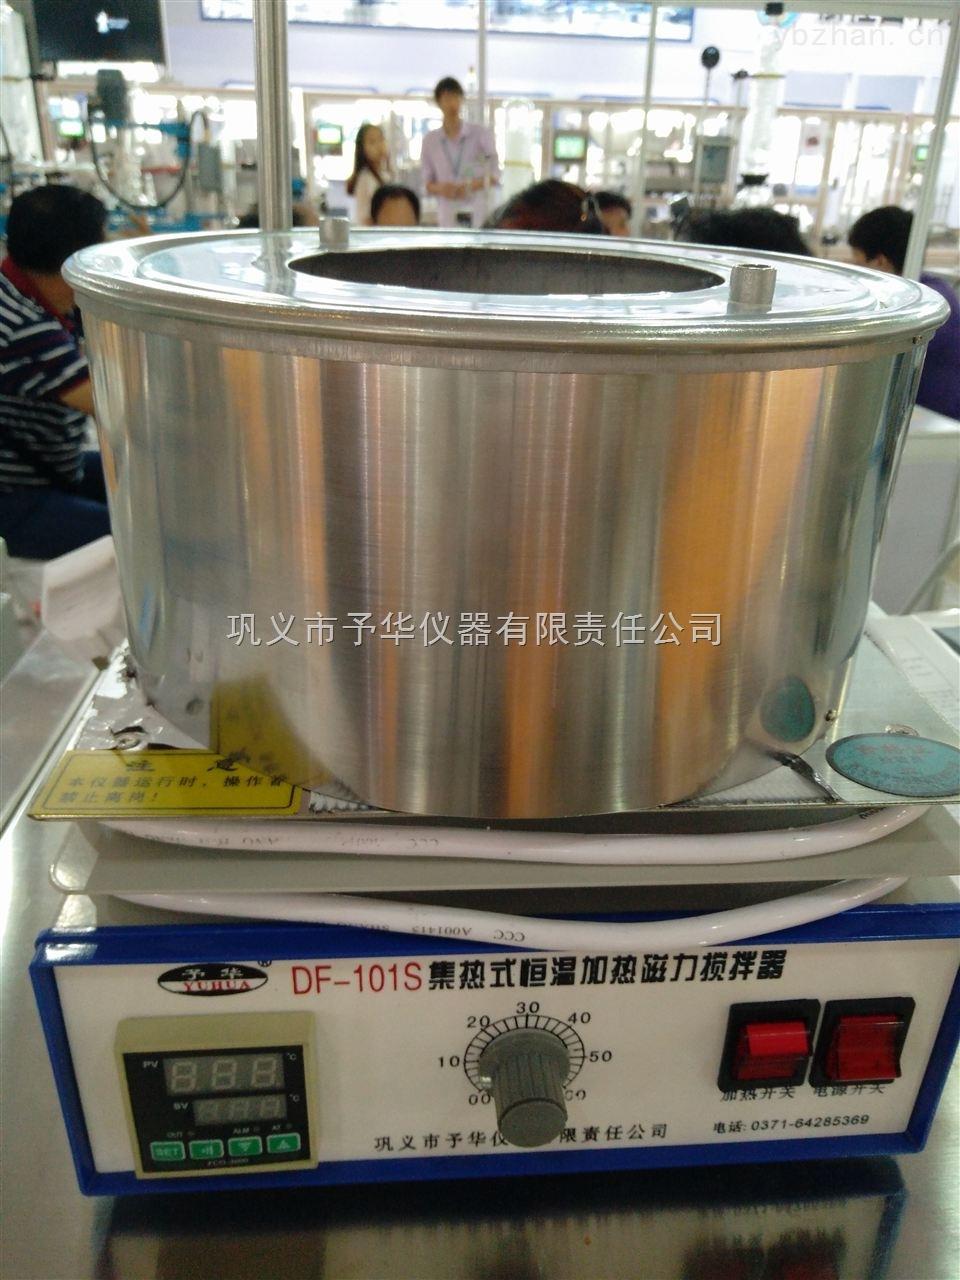 学校专用集热式磁力搅拌器DF-101SZ新报价